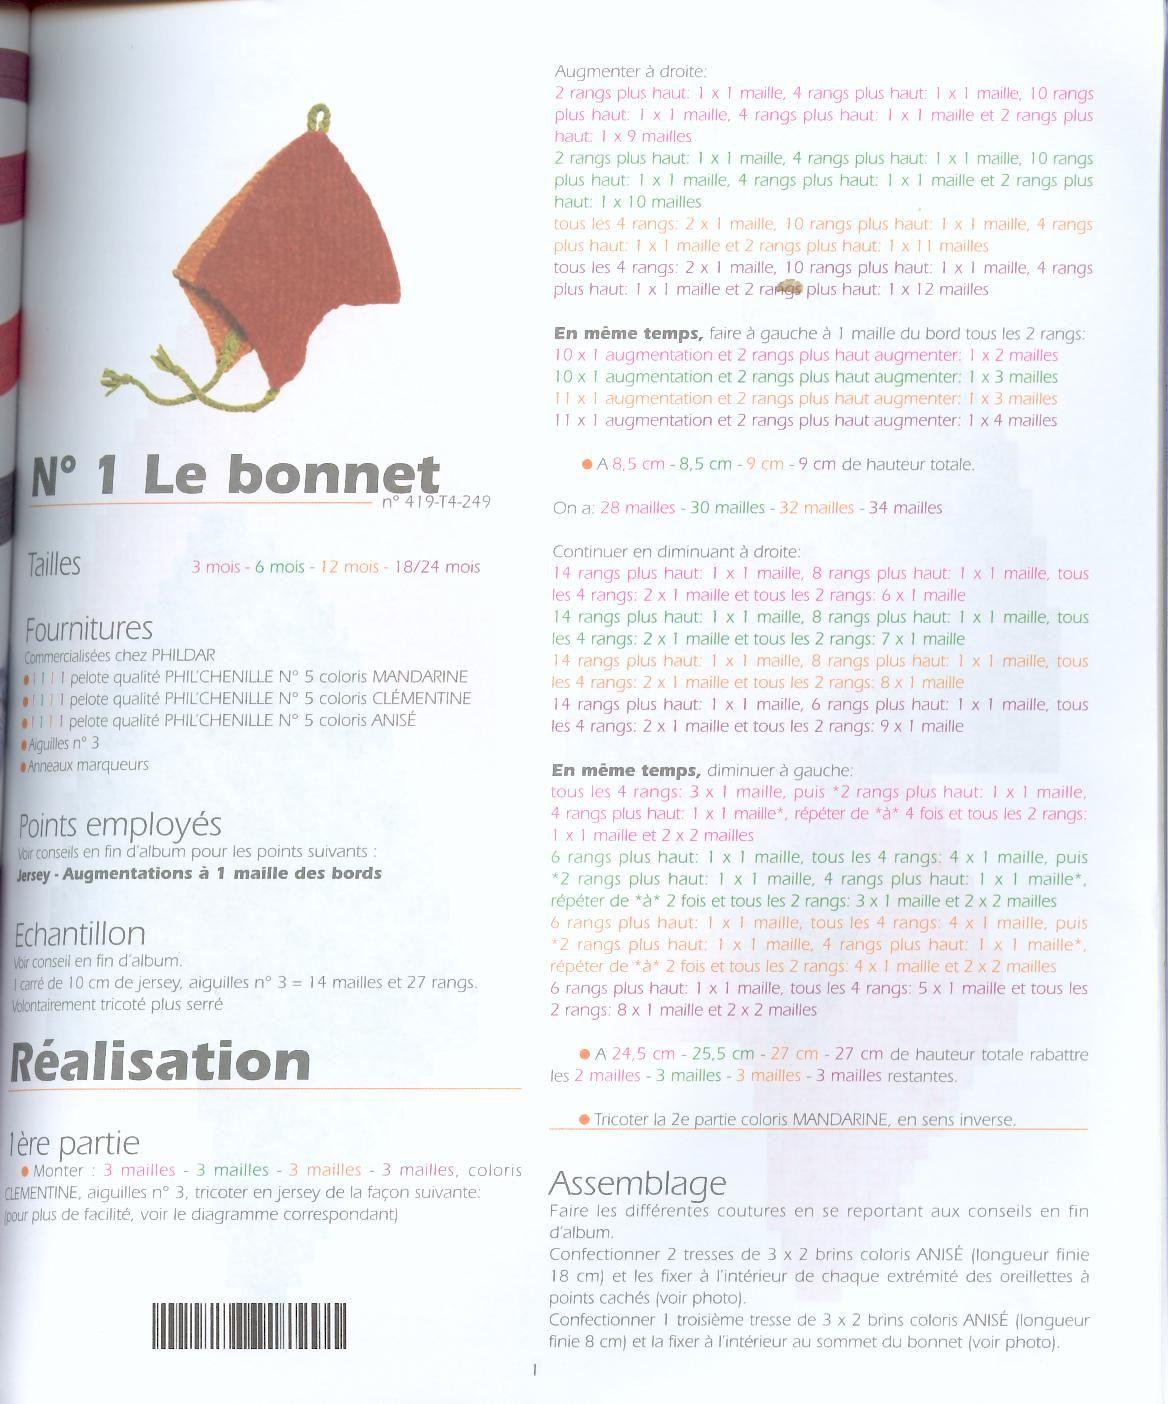 cb612d76898 Modèle de bonnet péruvien - adulte enfant - et gants - VHD Créations -  cartes faire-part cadeaux naissance - VHD Créations